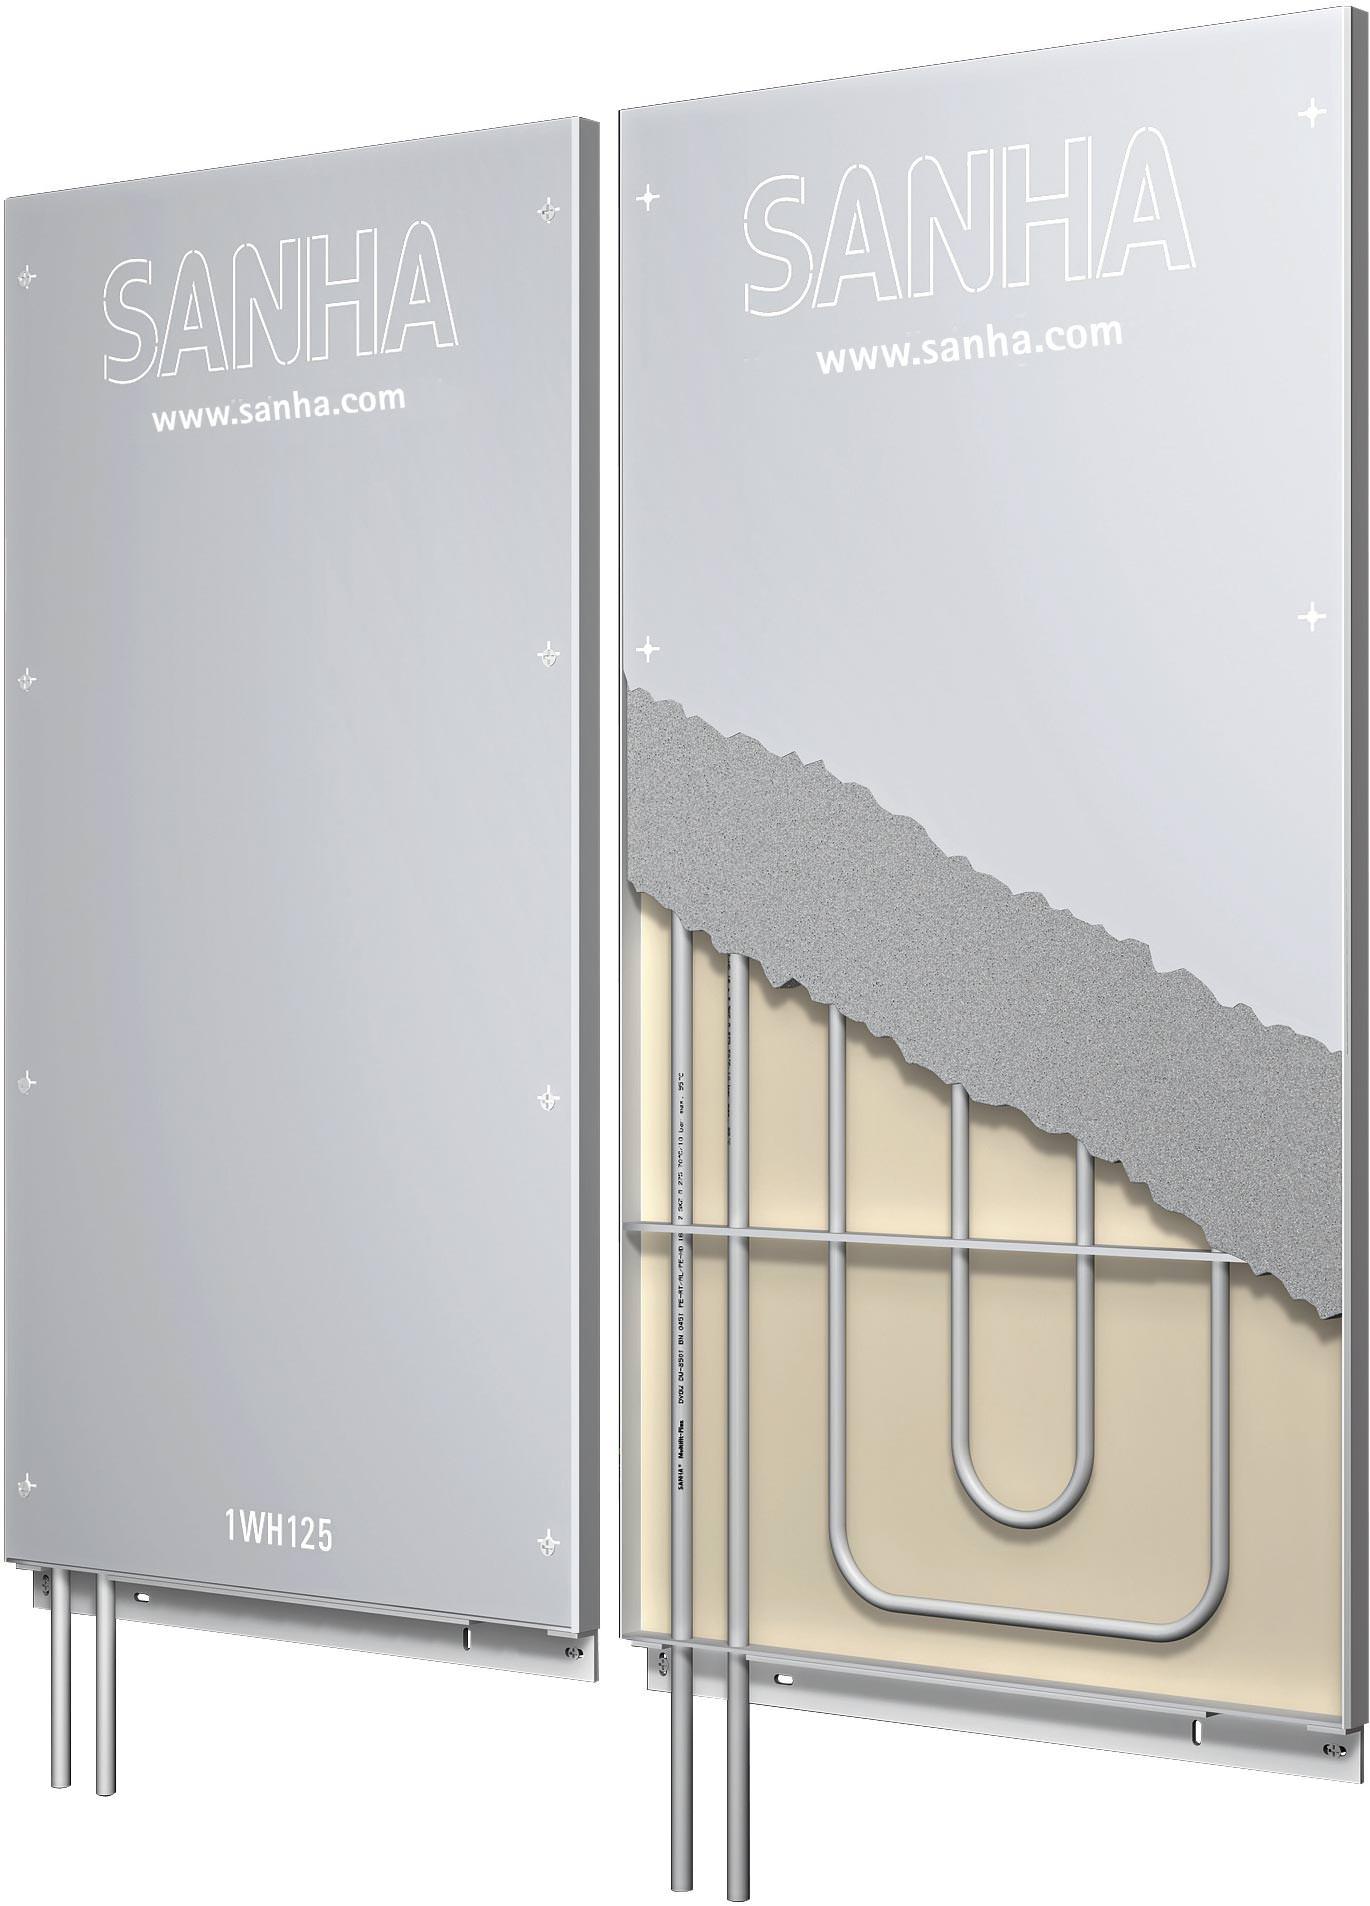 installationsfertige wandheizungsmodule f r vorlauftemperaturen bis 60 c. Black Bedroom Furniture Sets. Home Design Ideas